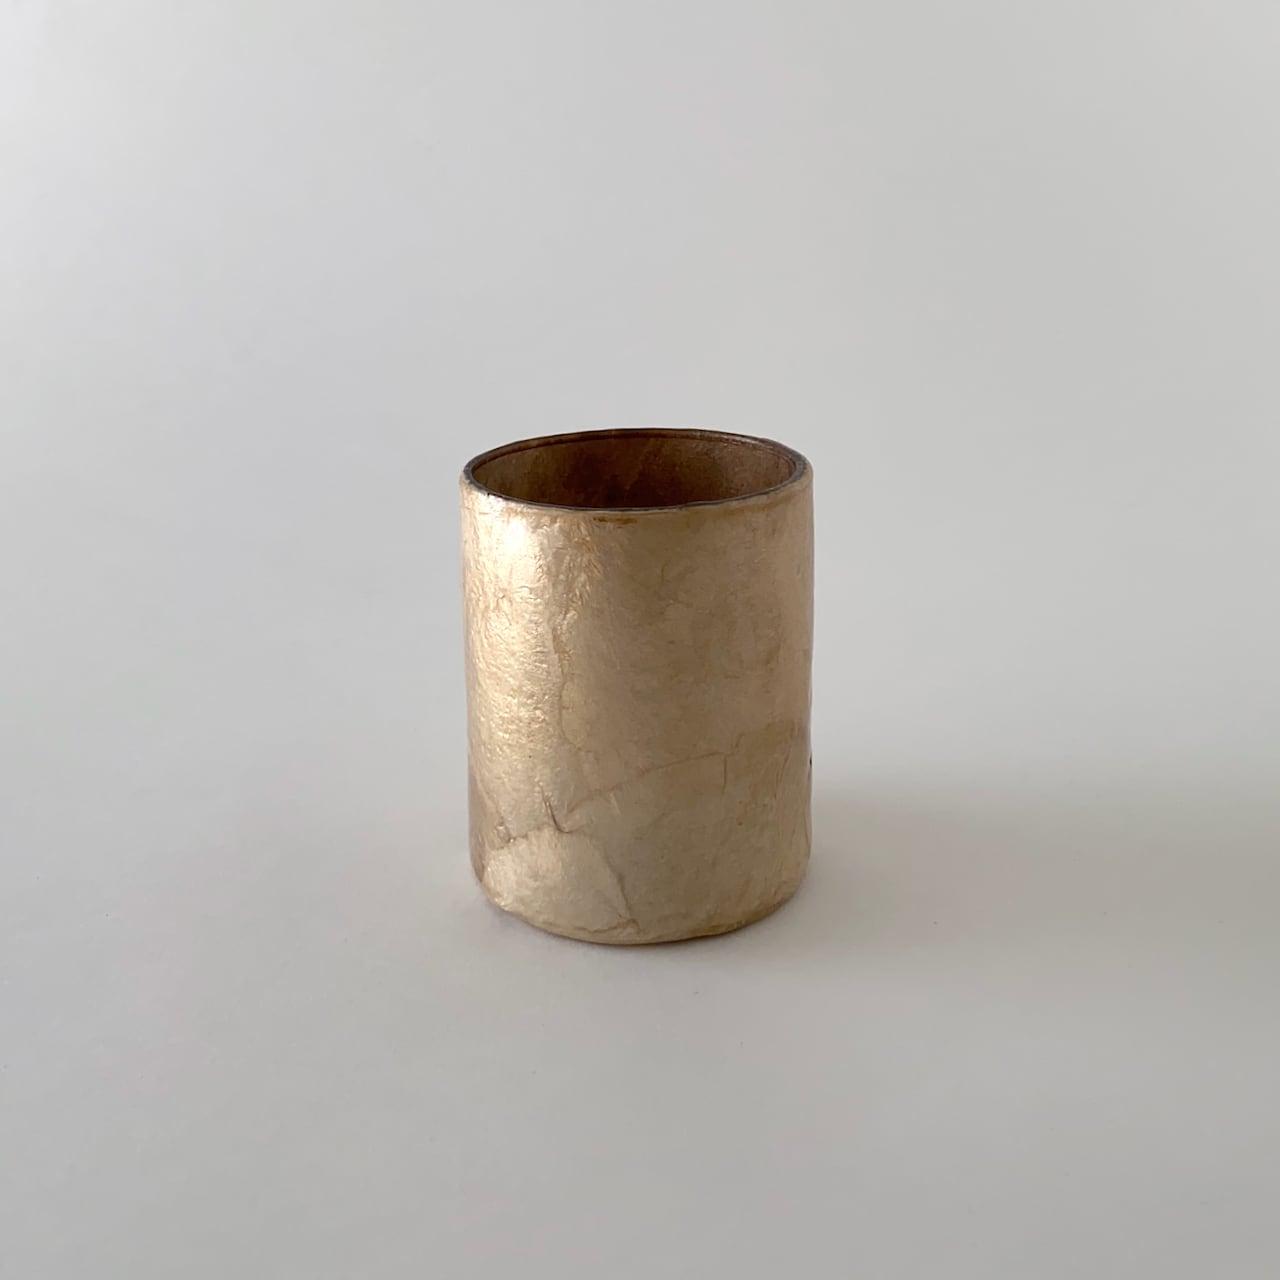 Votive Candleholder / Vase Nude Buff ボーティブ キャンドルホルダー フラワーベース ヌード バフ